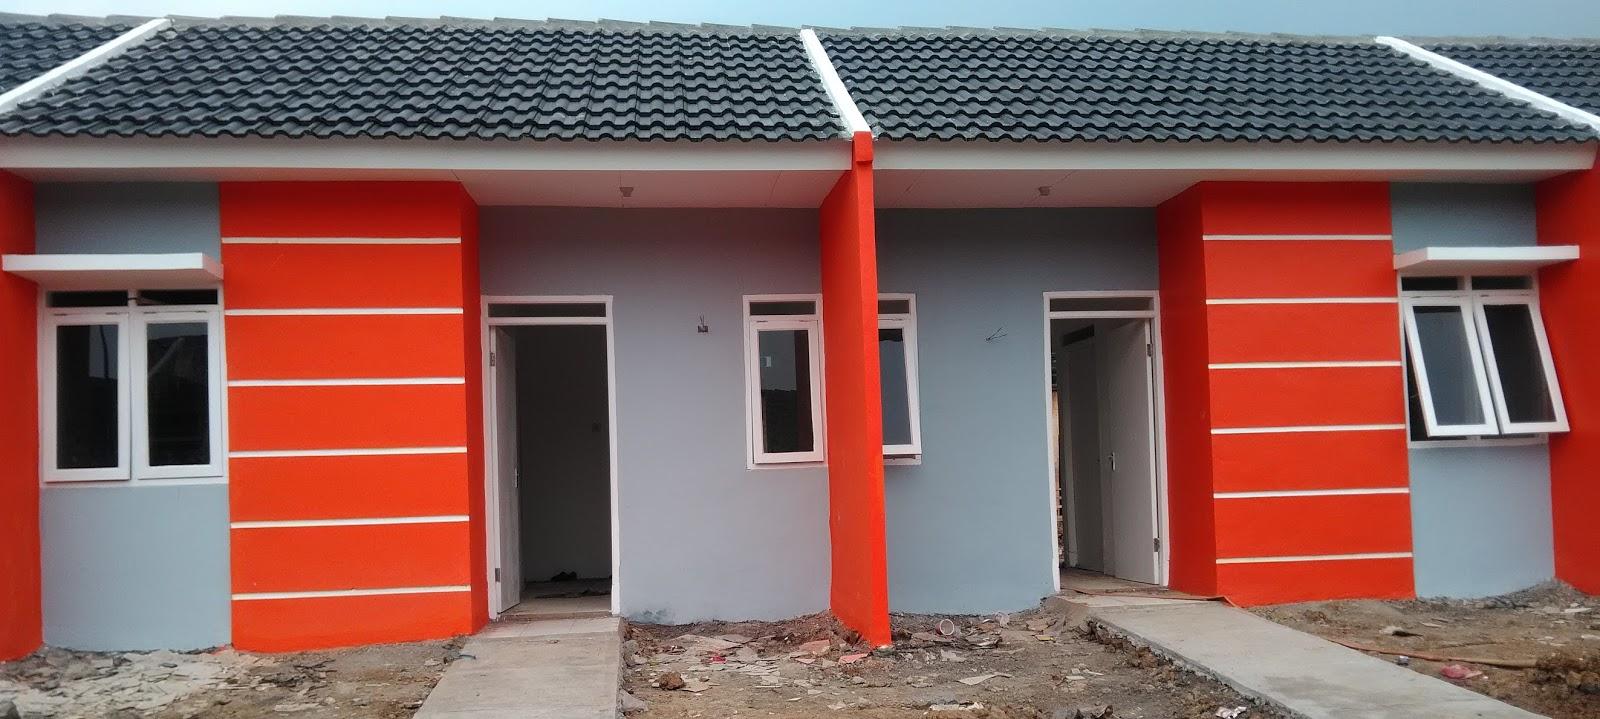 720 Gambar Cat Rumah Subsidi Terbaru